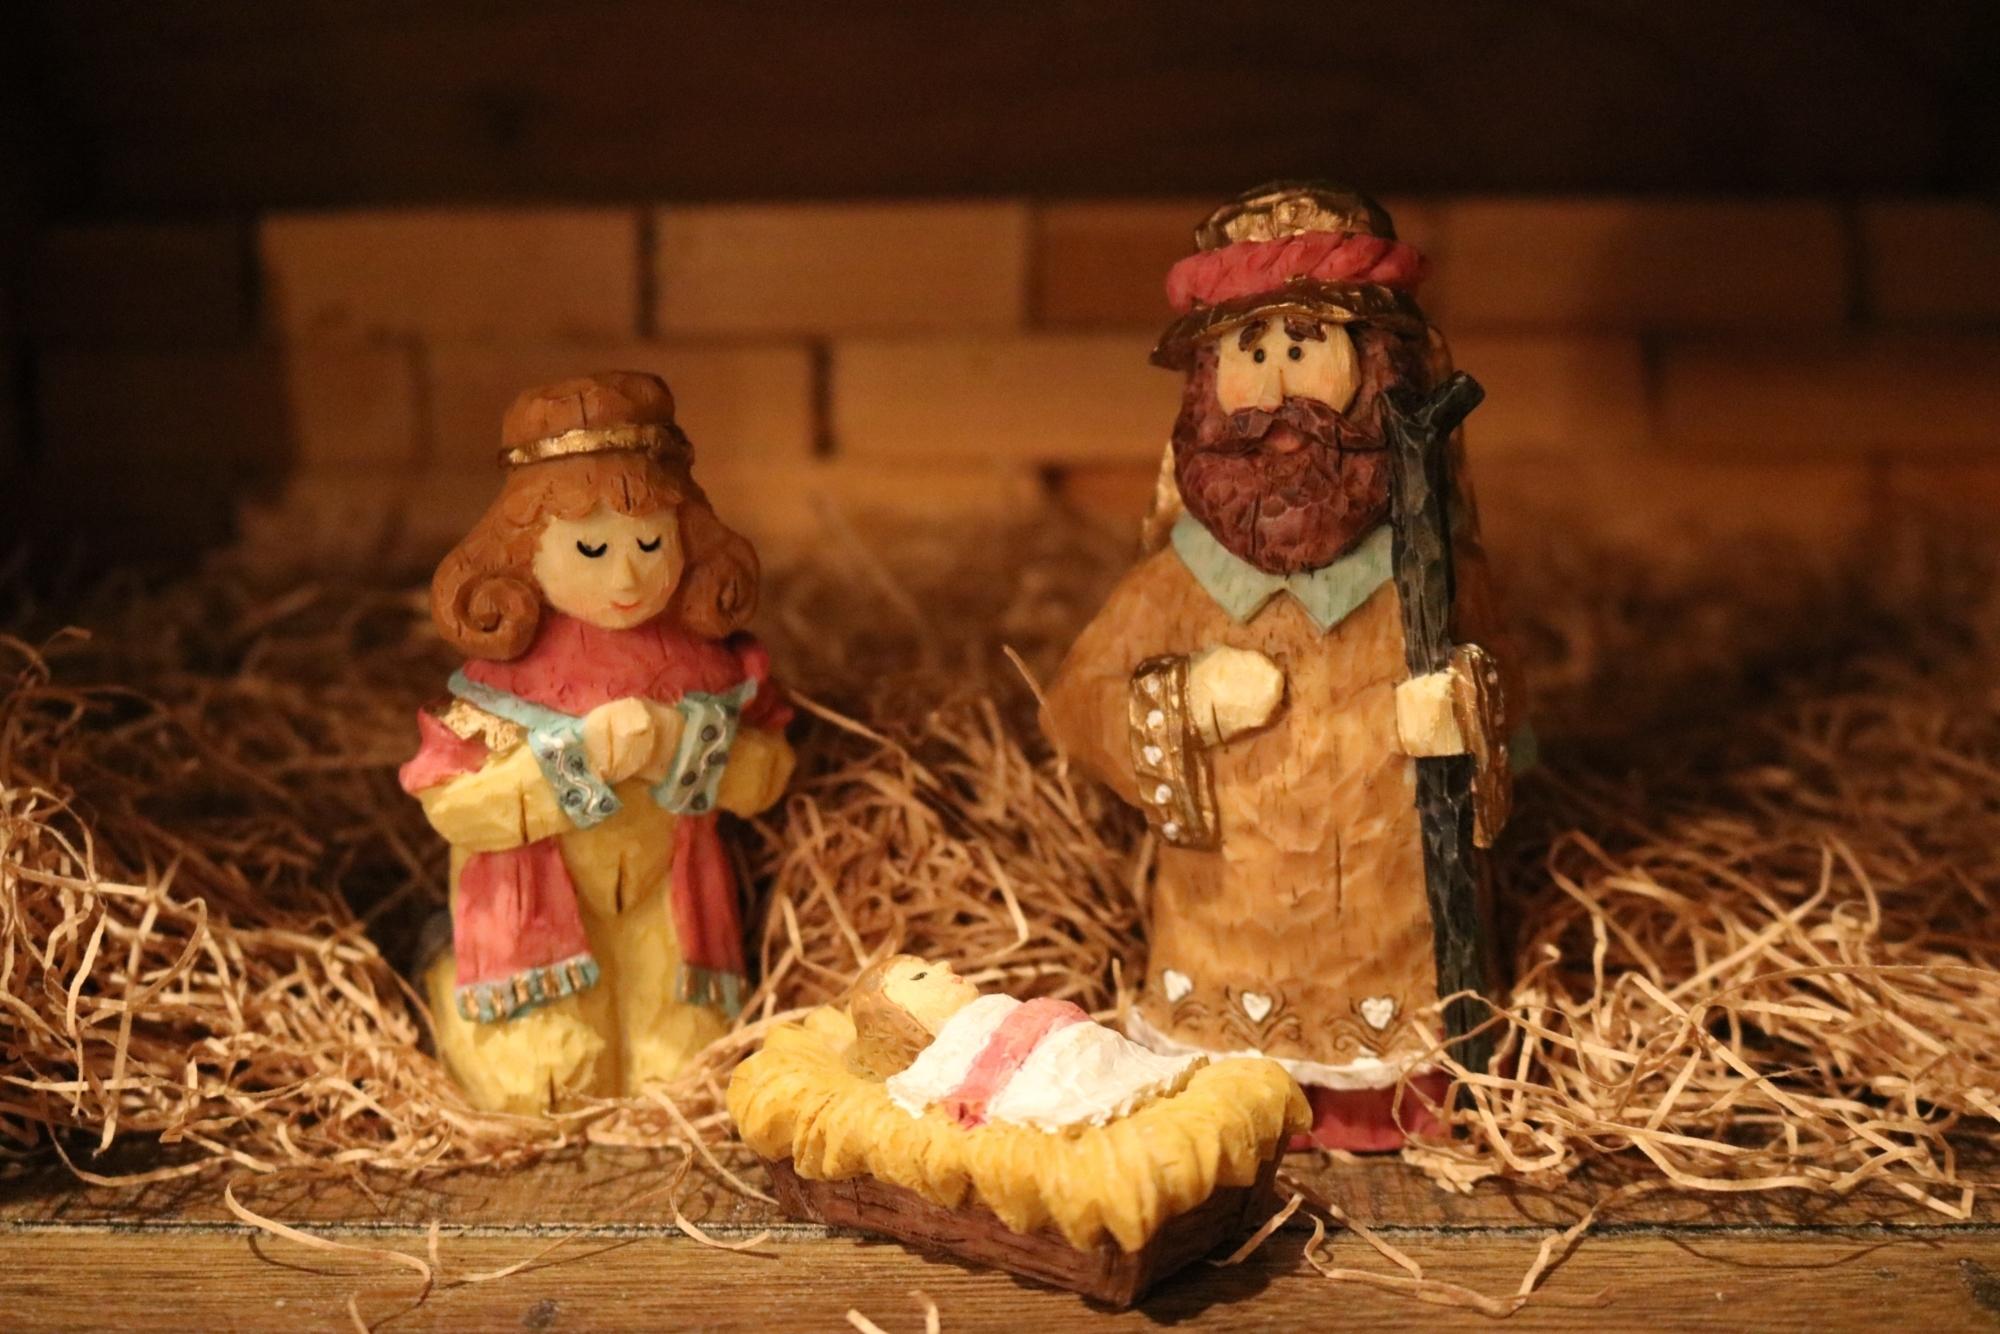 Weihnachten chris sowder unsplash